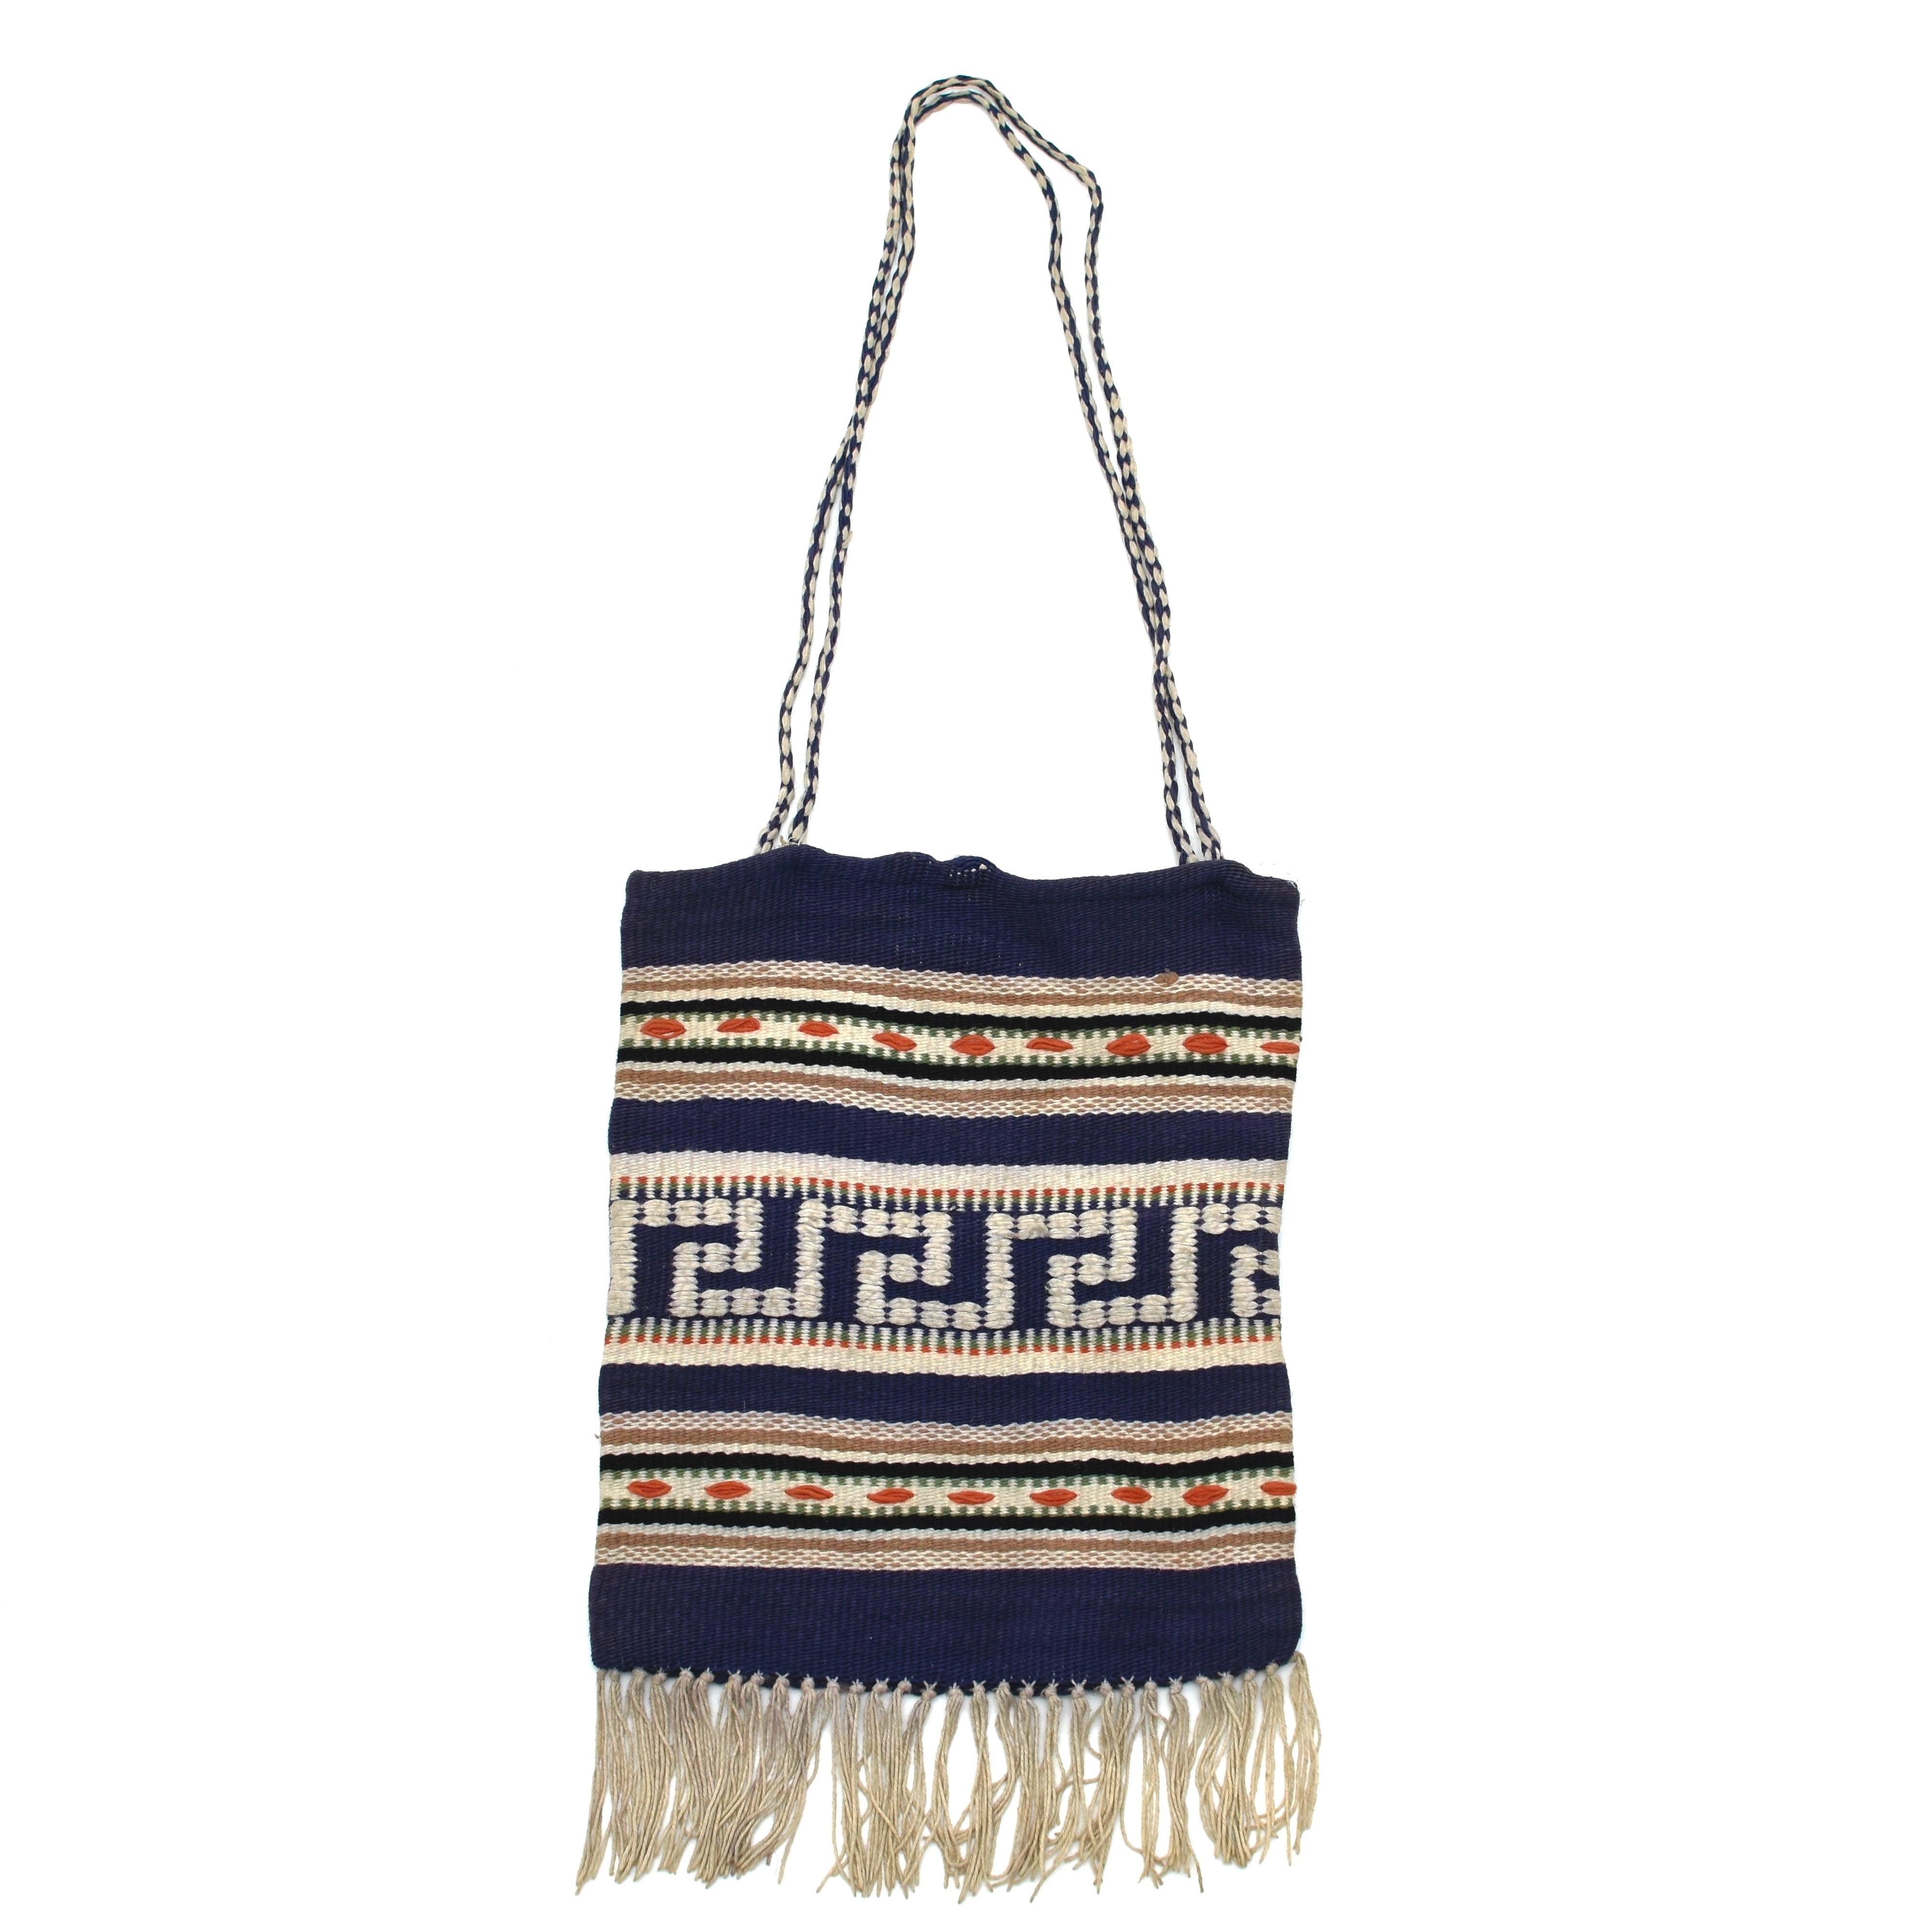 Native pattern remake rug totebag